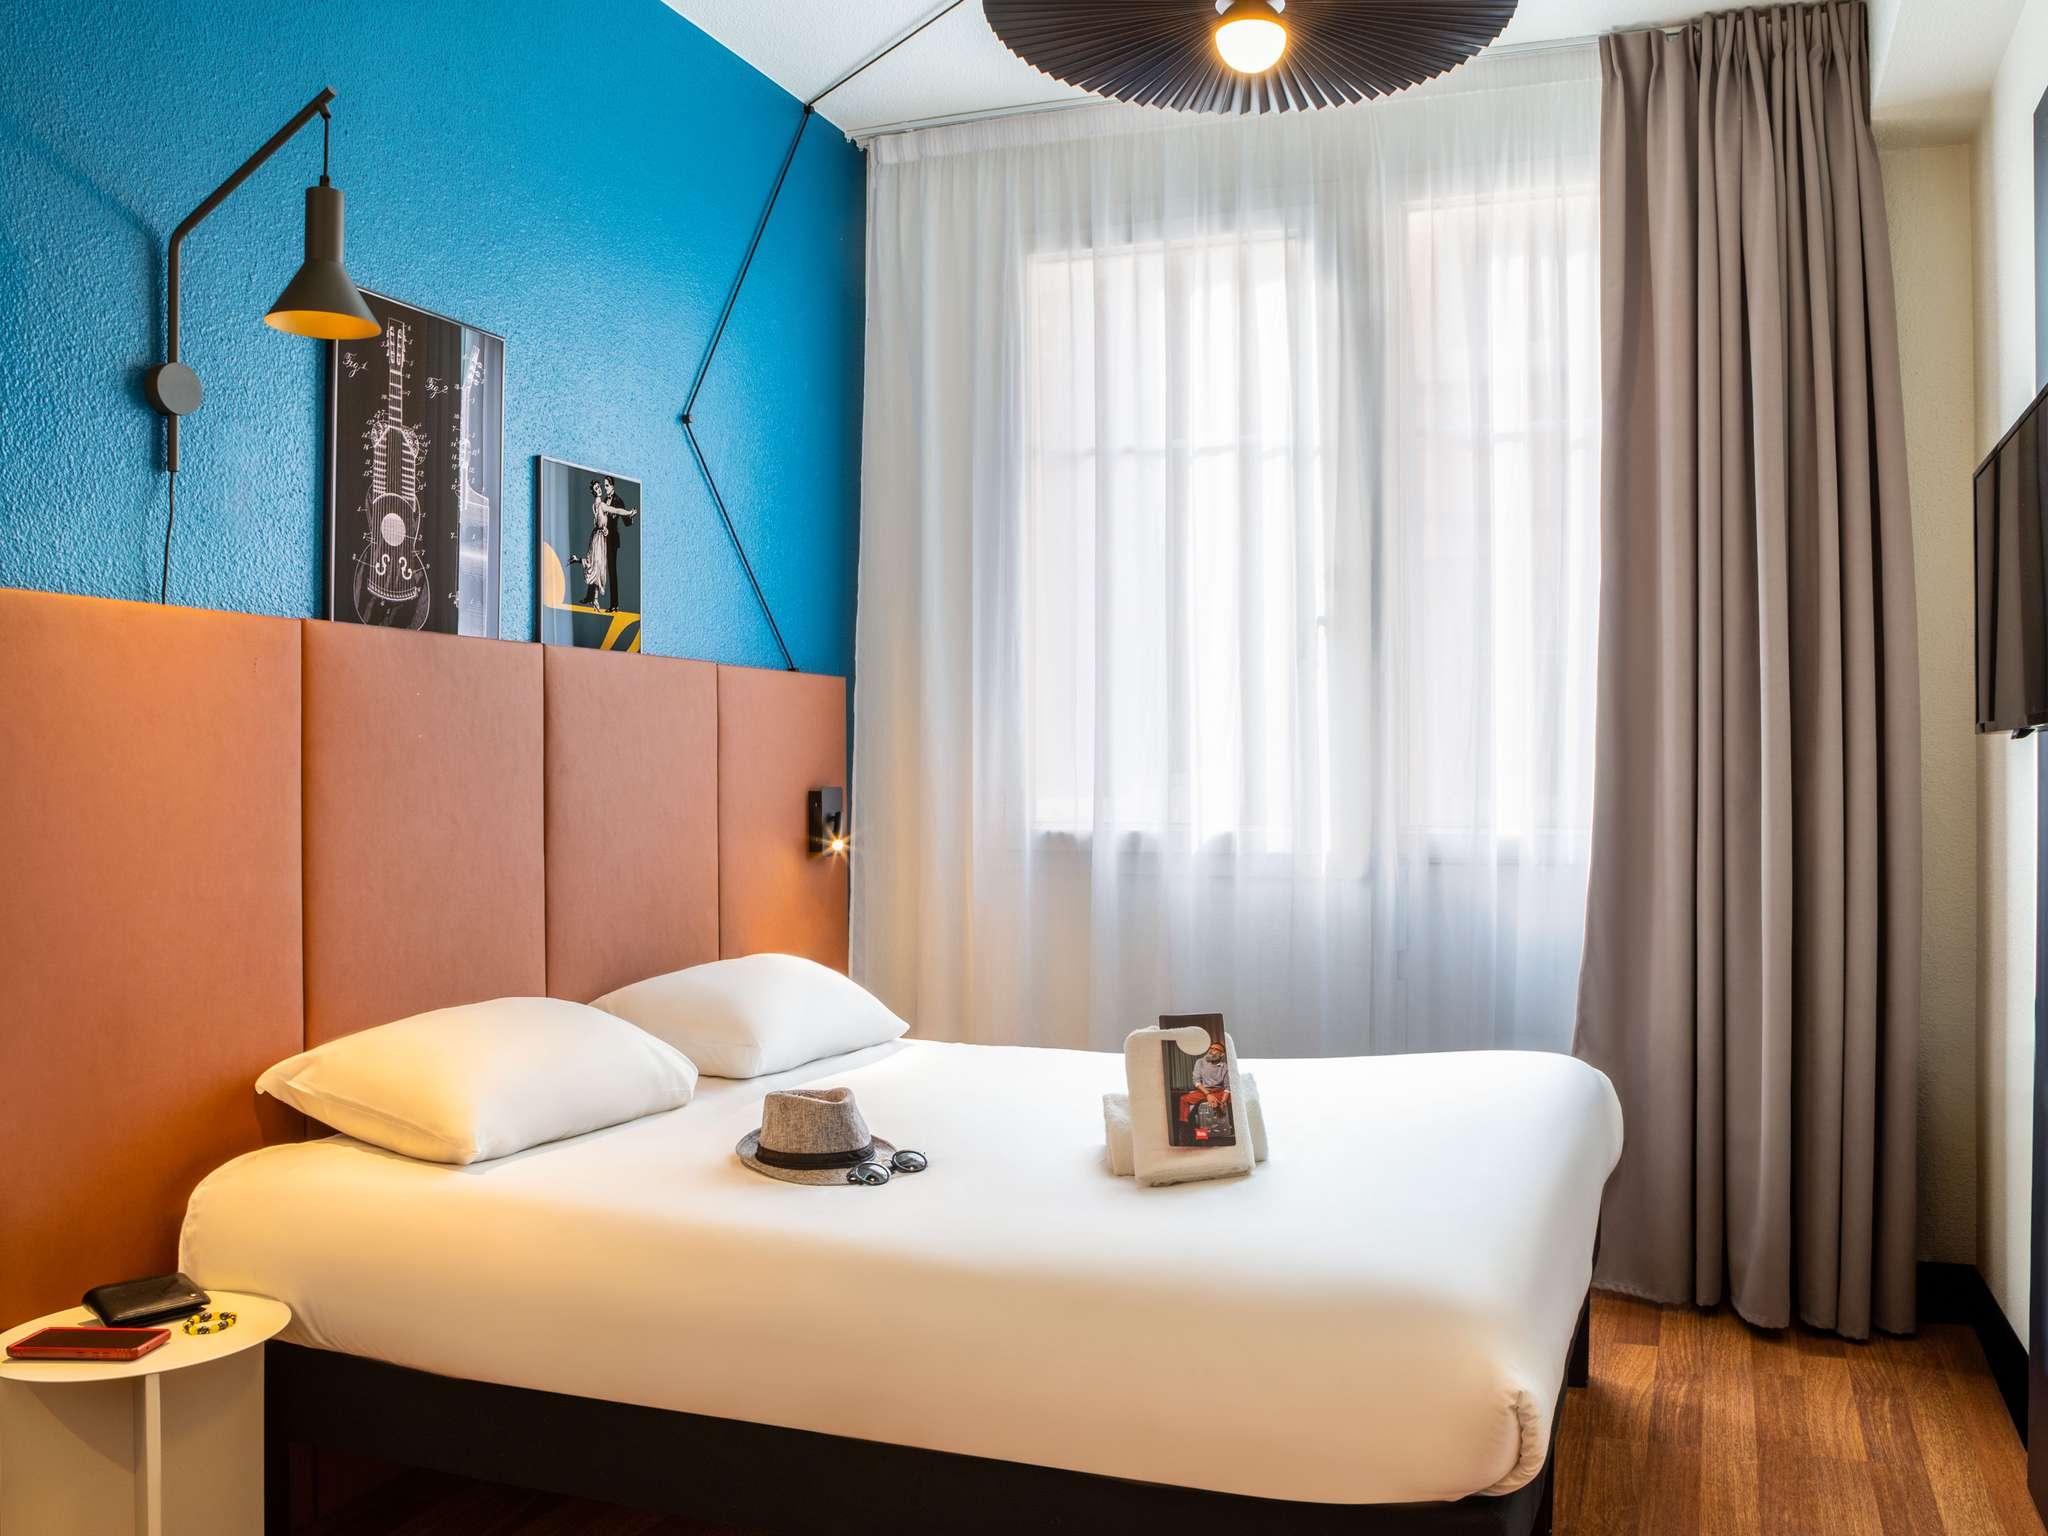 โรงแรม – ไอบิส ปารีส โอร์นาโน มงมาทร์ นอร์ 18เอเม่